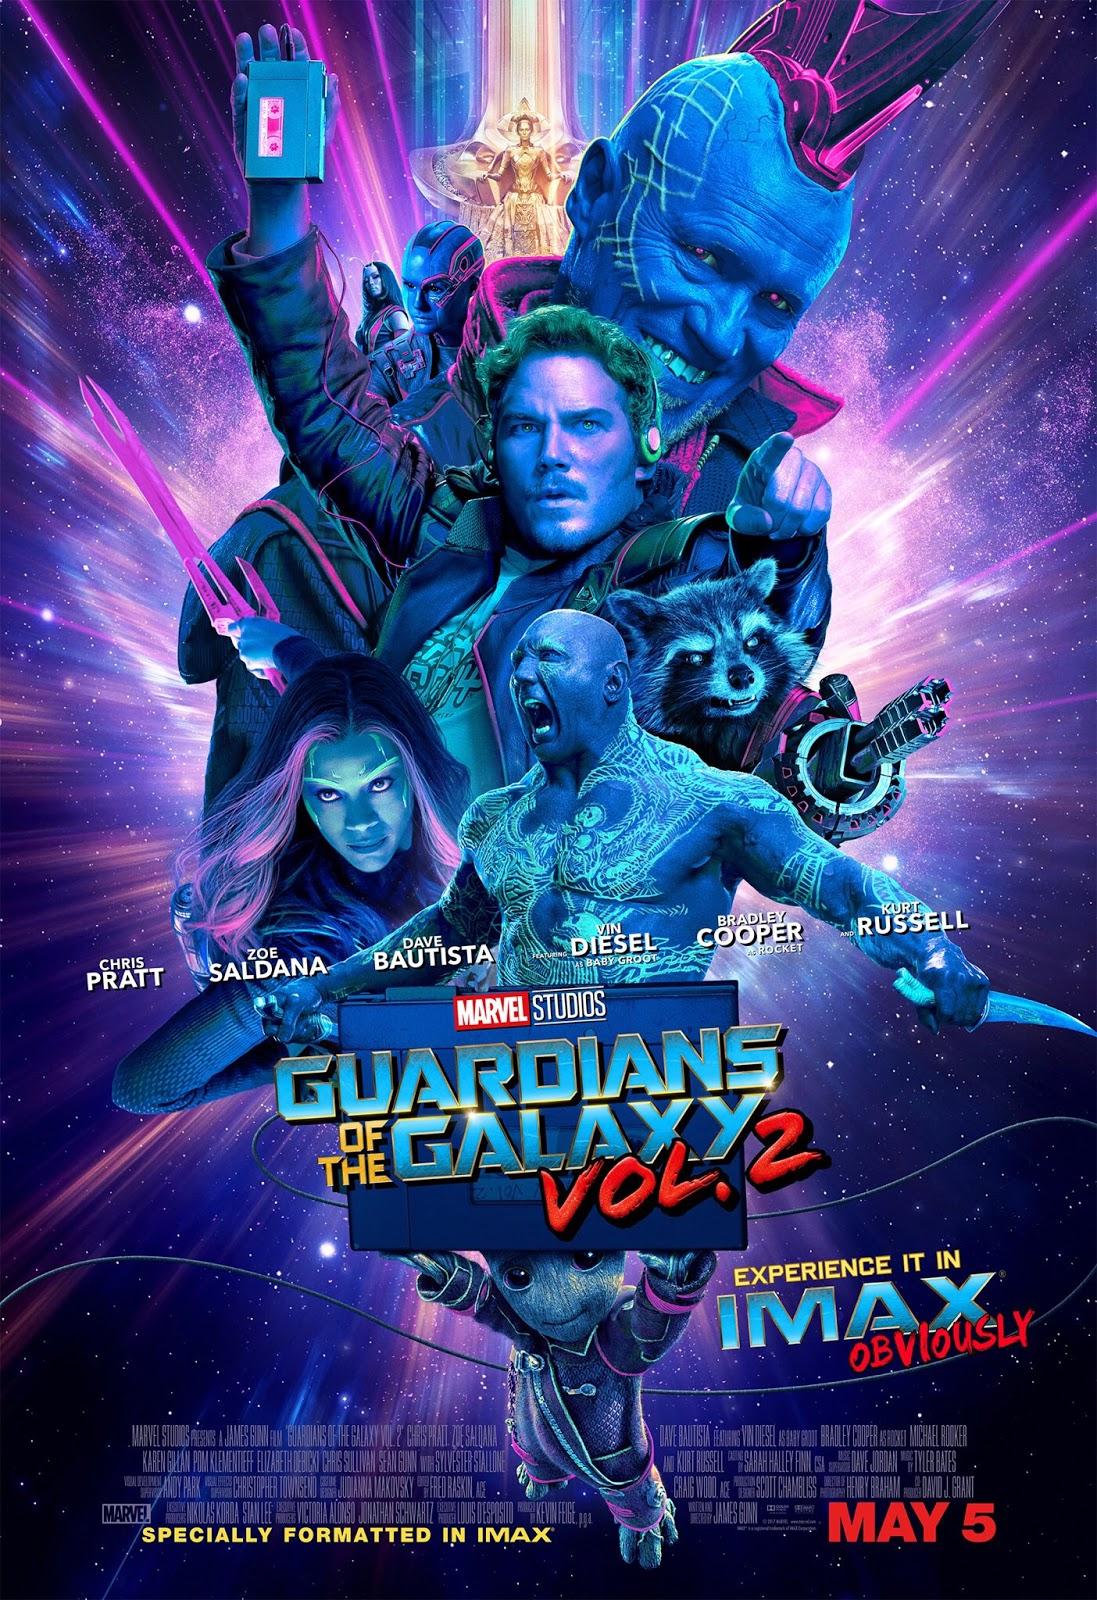 клевый постер Стрежей Галактики 2